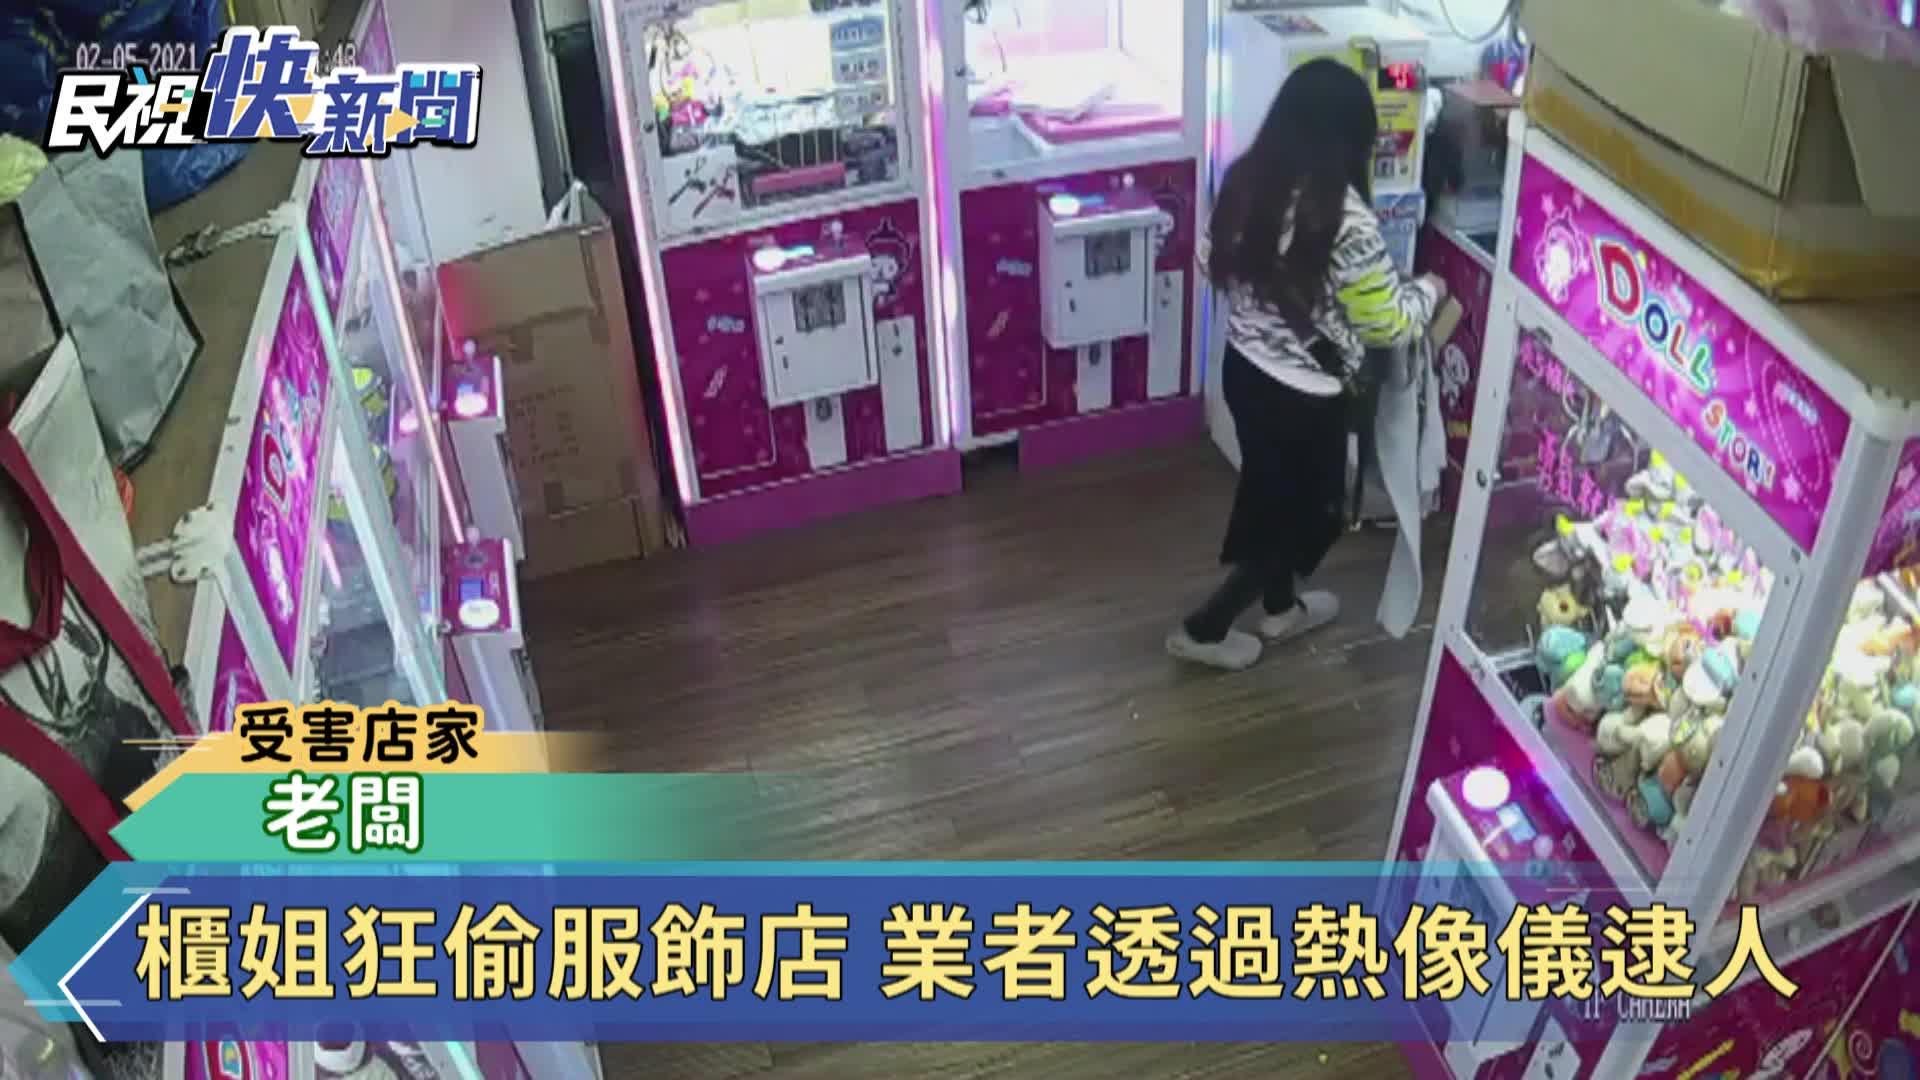 櫃姐狂偷服飾店 業者透過熱像儀逮人